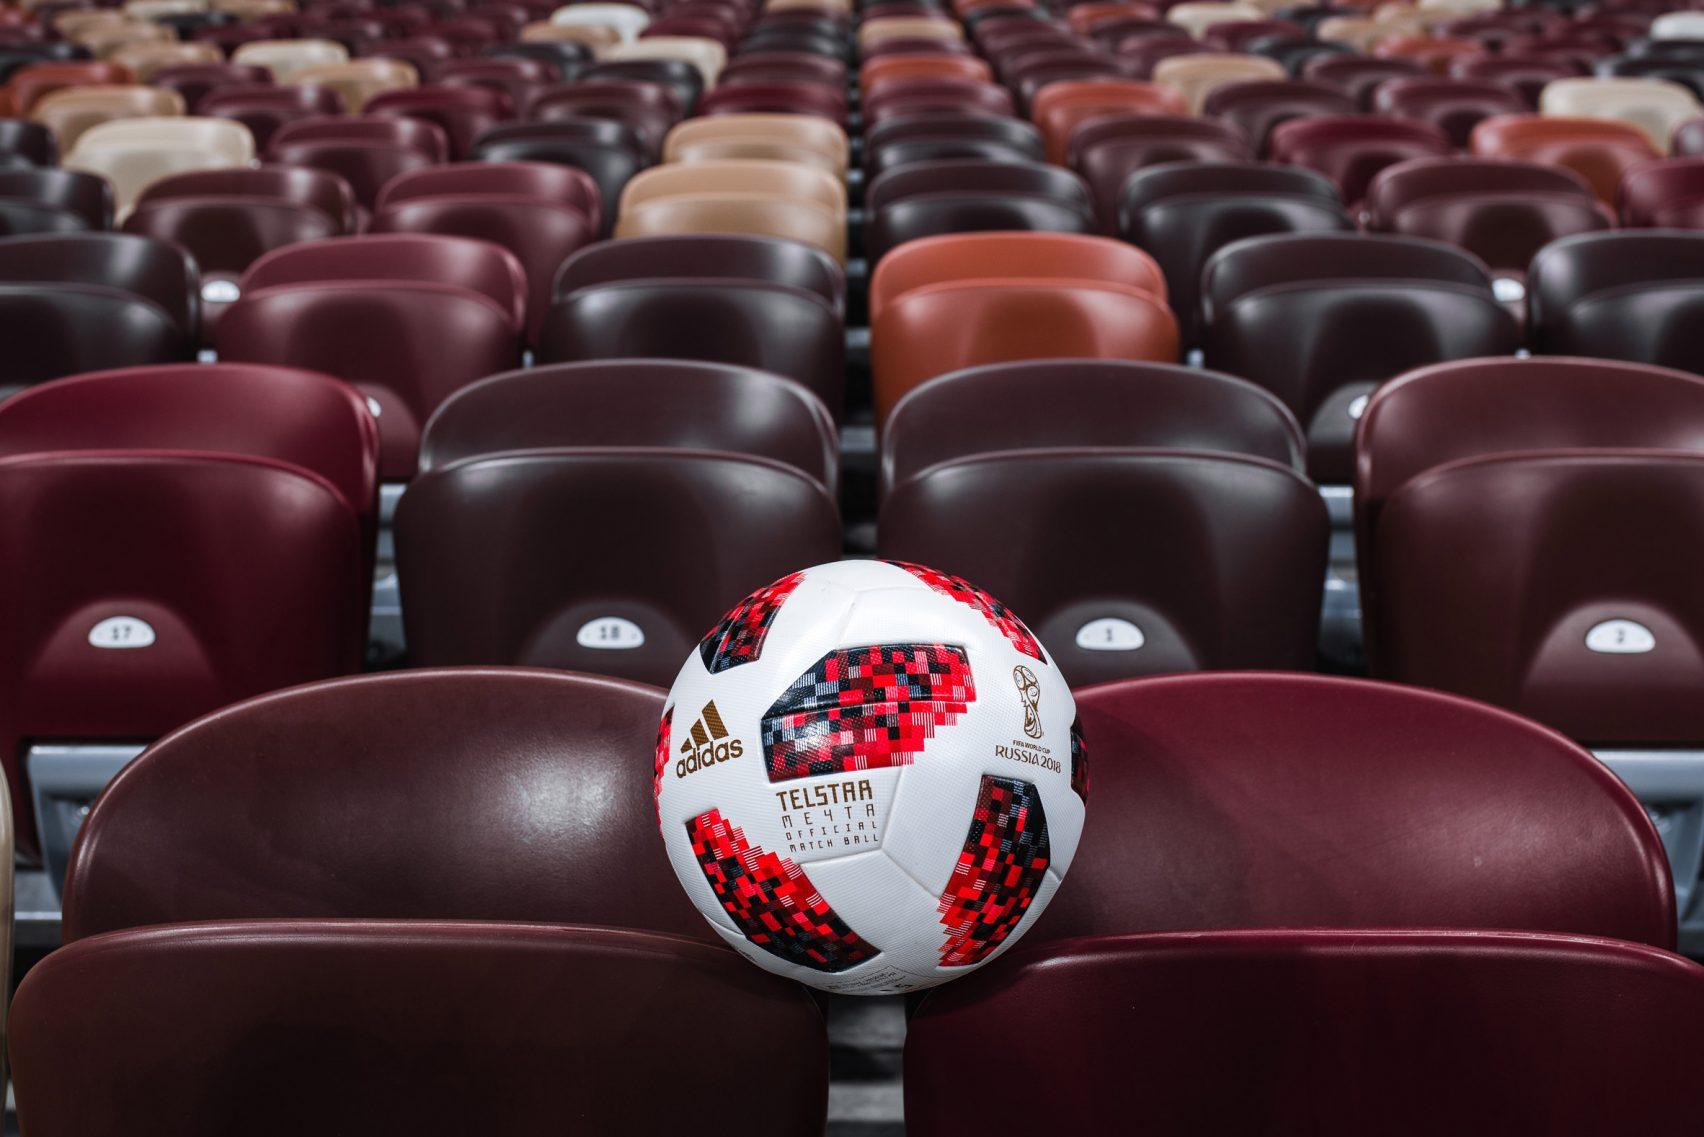 adidas football telstar mechta design dezeen 2364 col 21 1704x1137